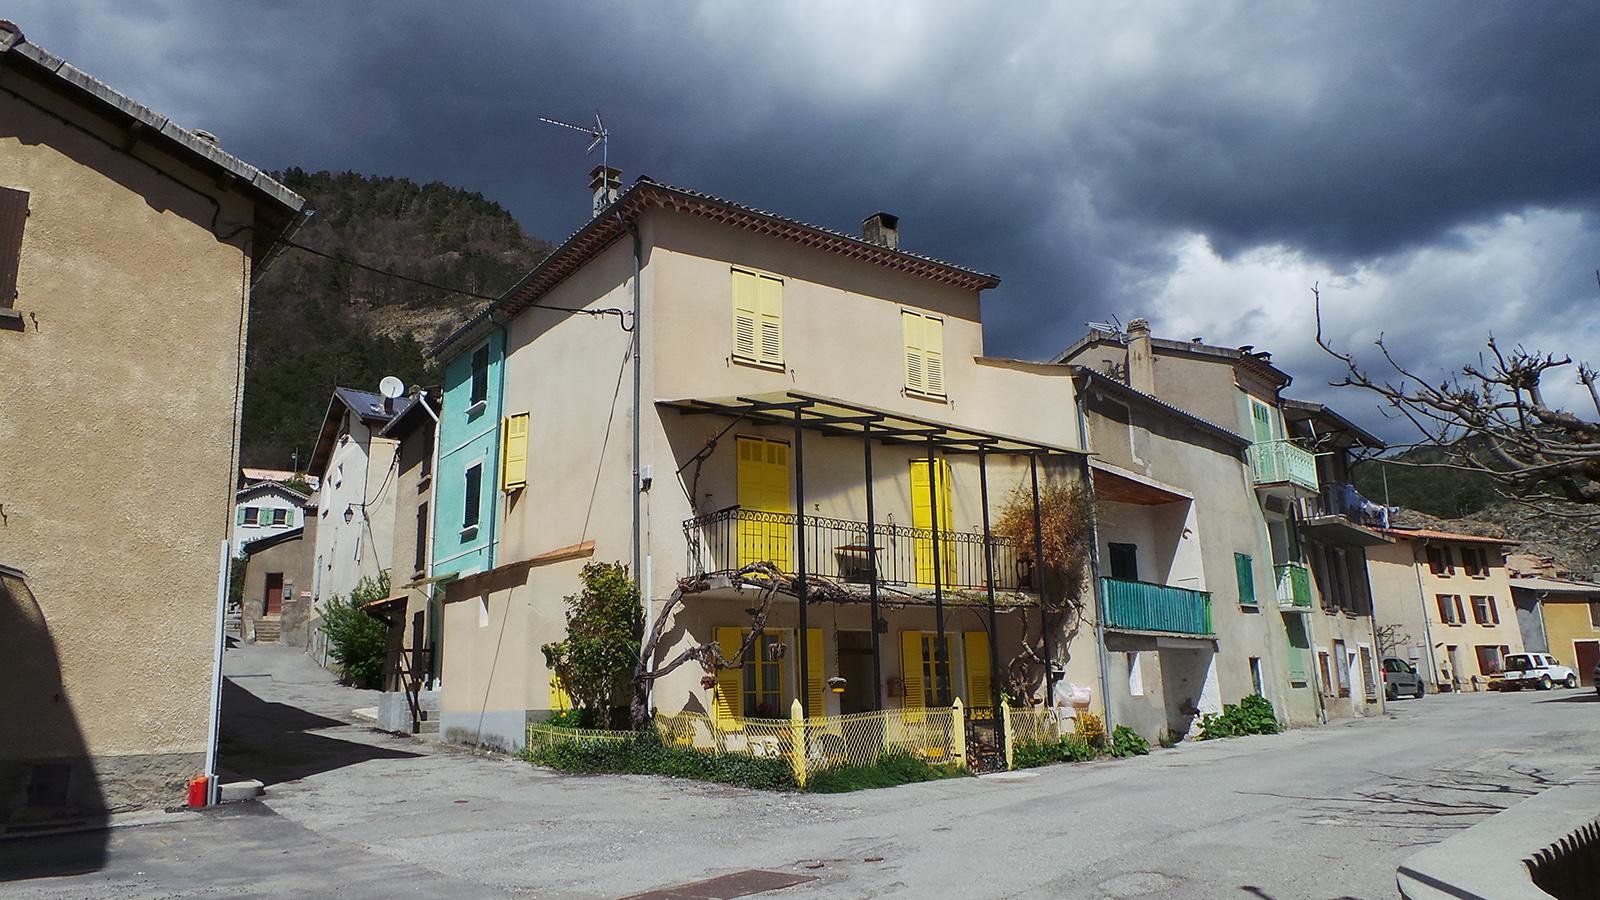 Dans_les_rues_d'Allons_la_maison_aux_volets_jaunes